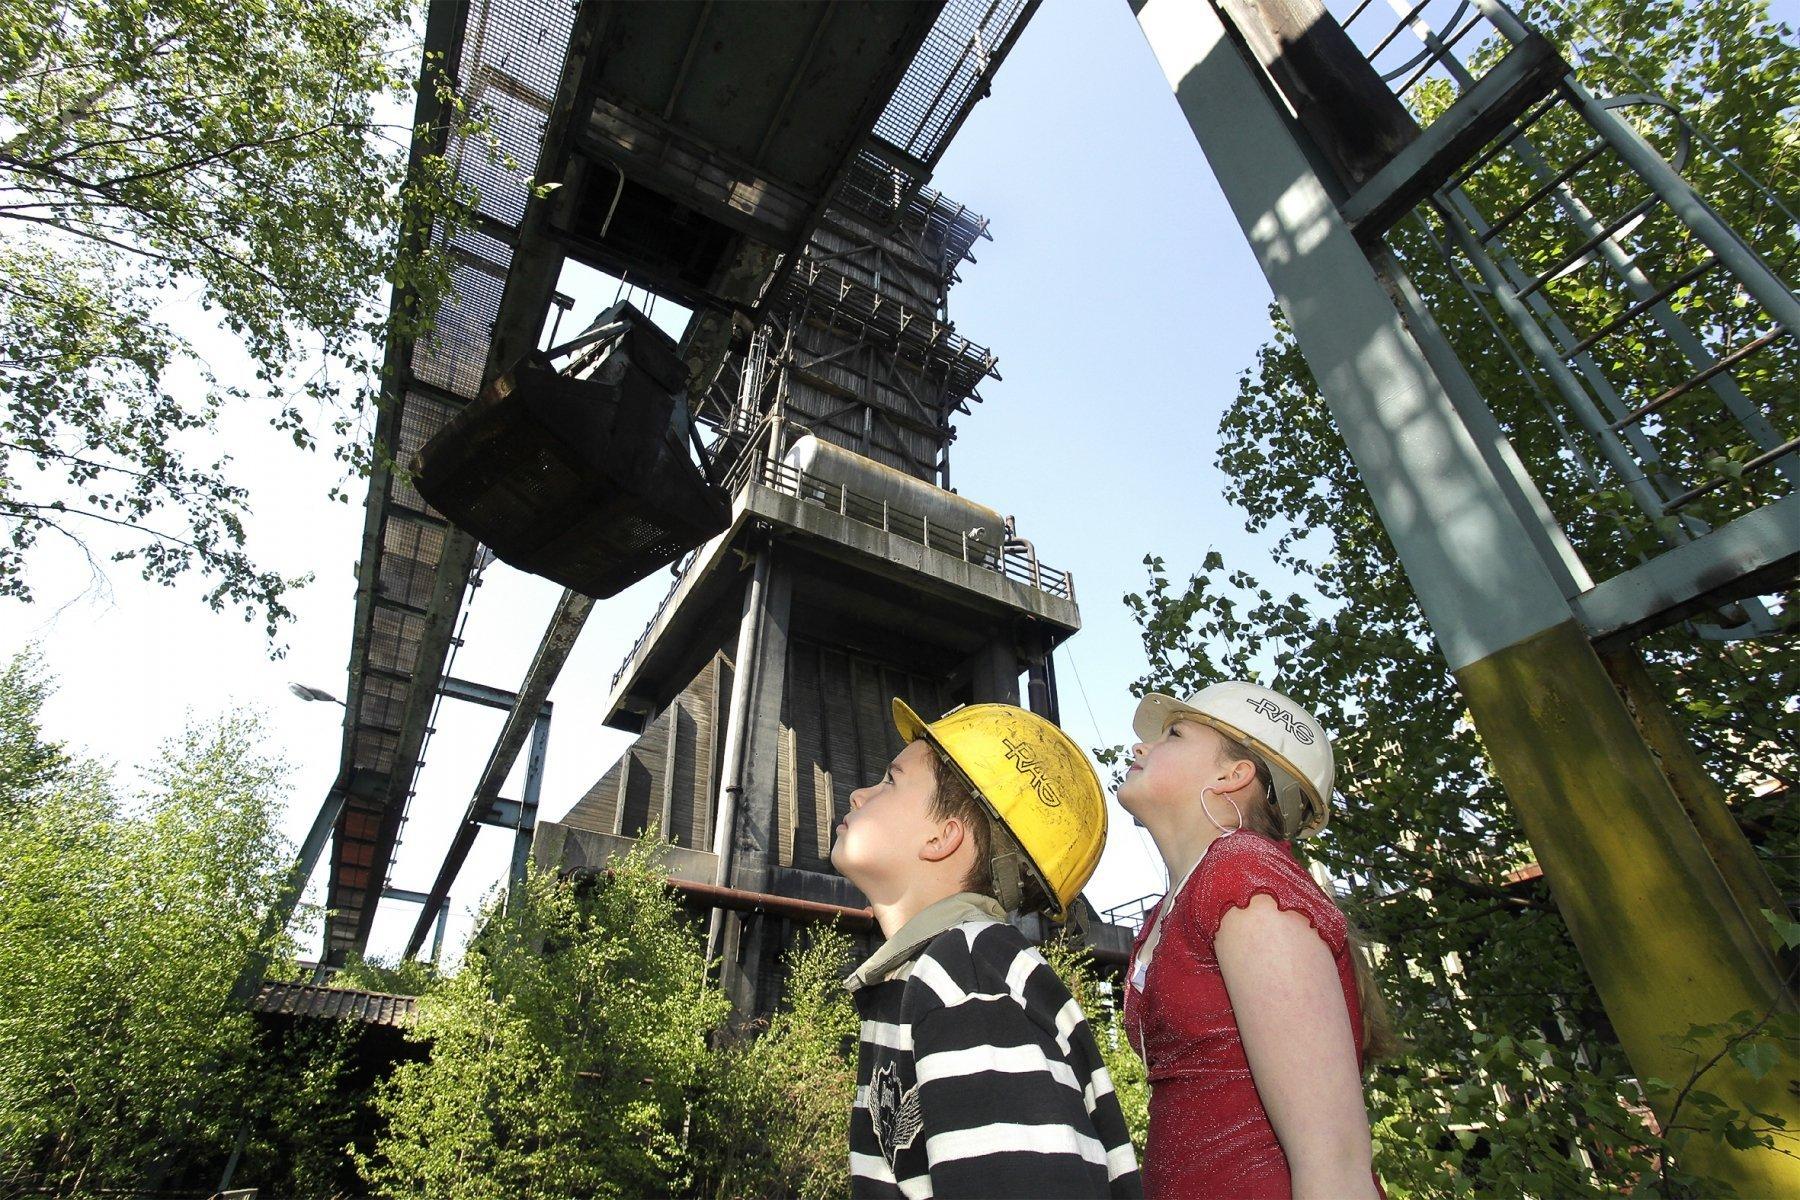 Foto: Stiftung Industriedenkmalpflege und Geschichtskultur / Karlheinz Jardner